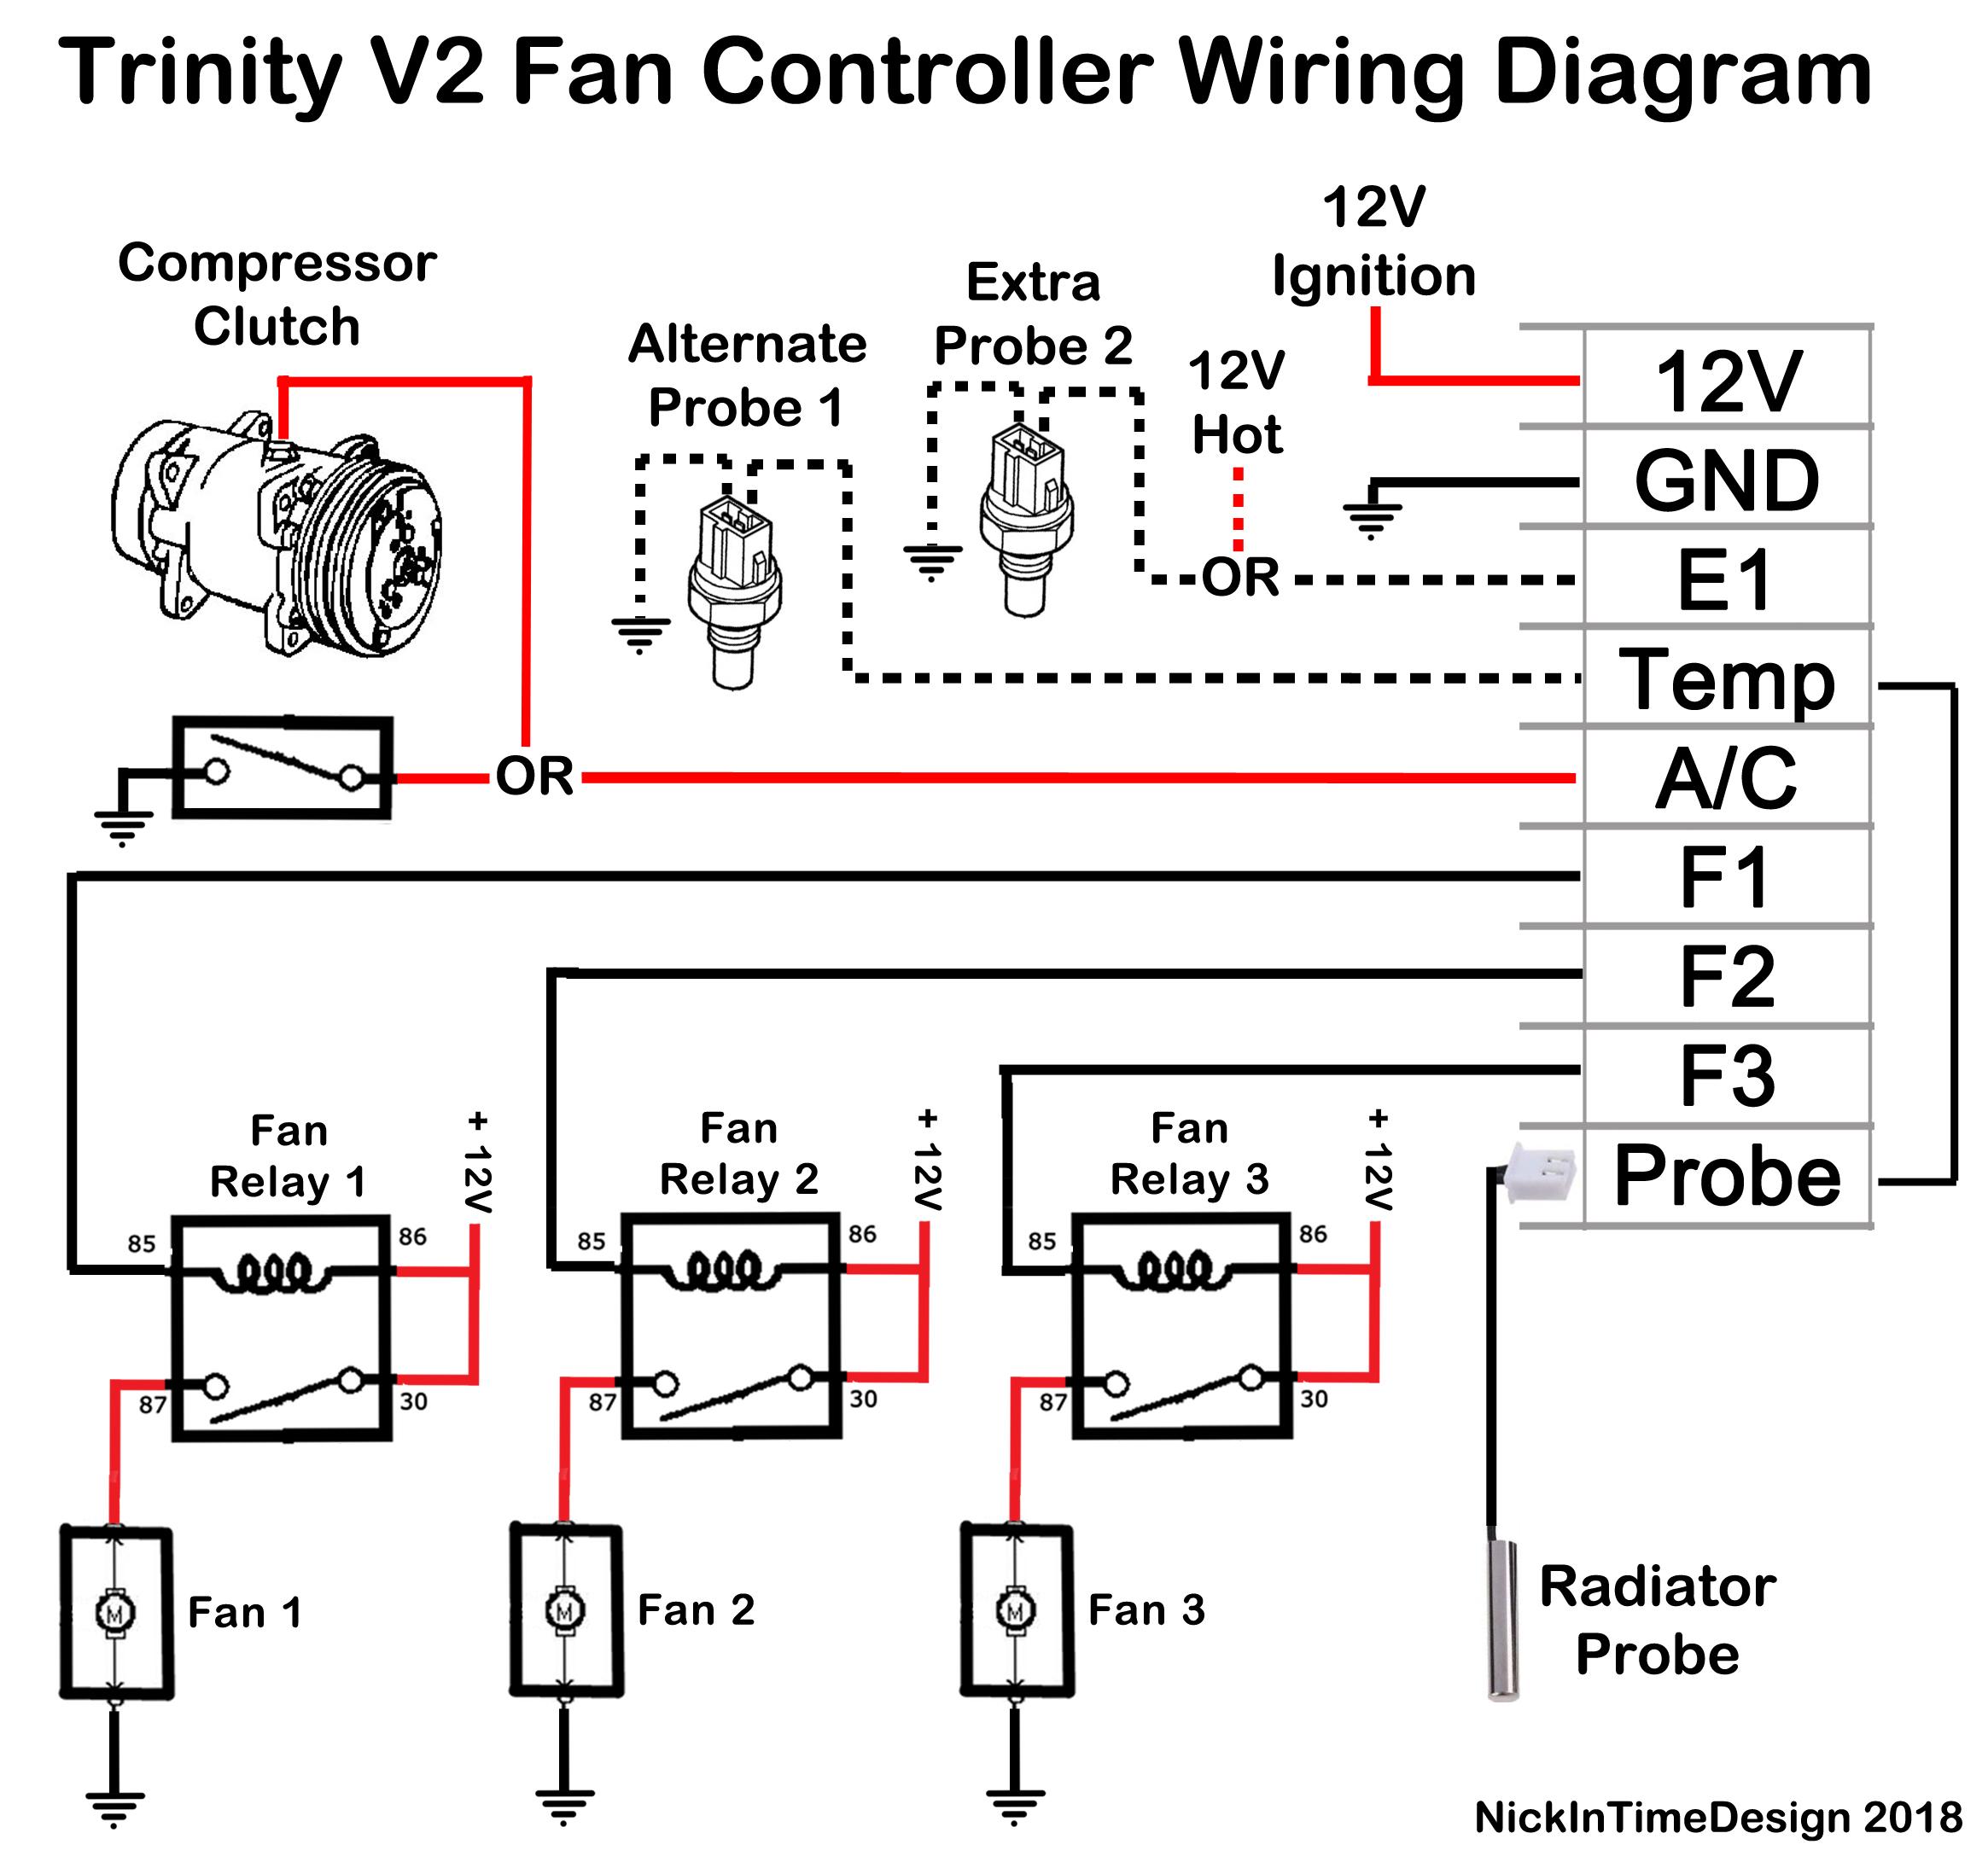 Trinity V2 Wiring Diagram Nickintimedesign